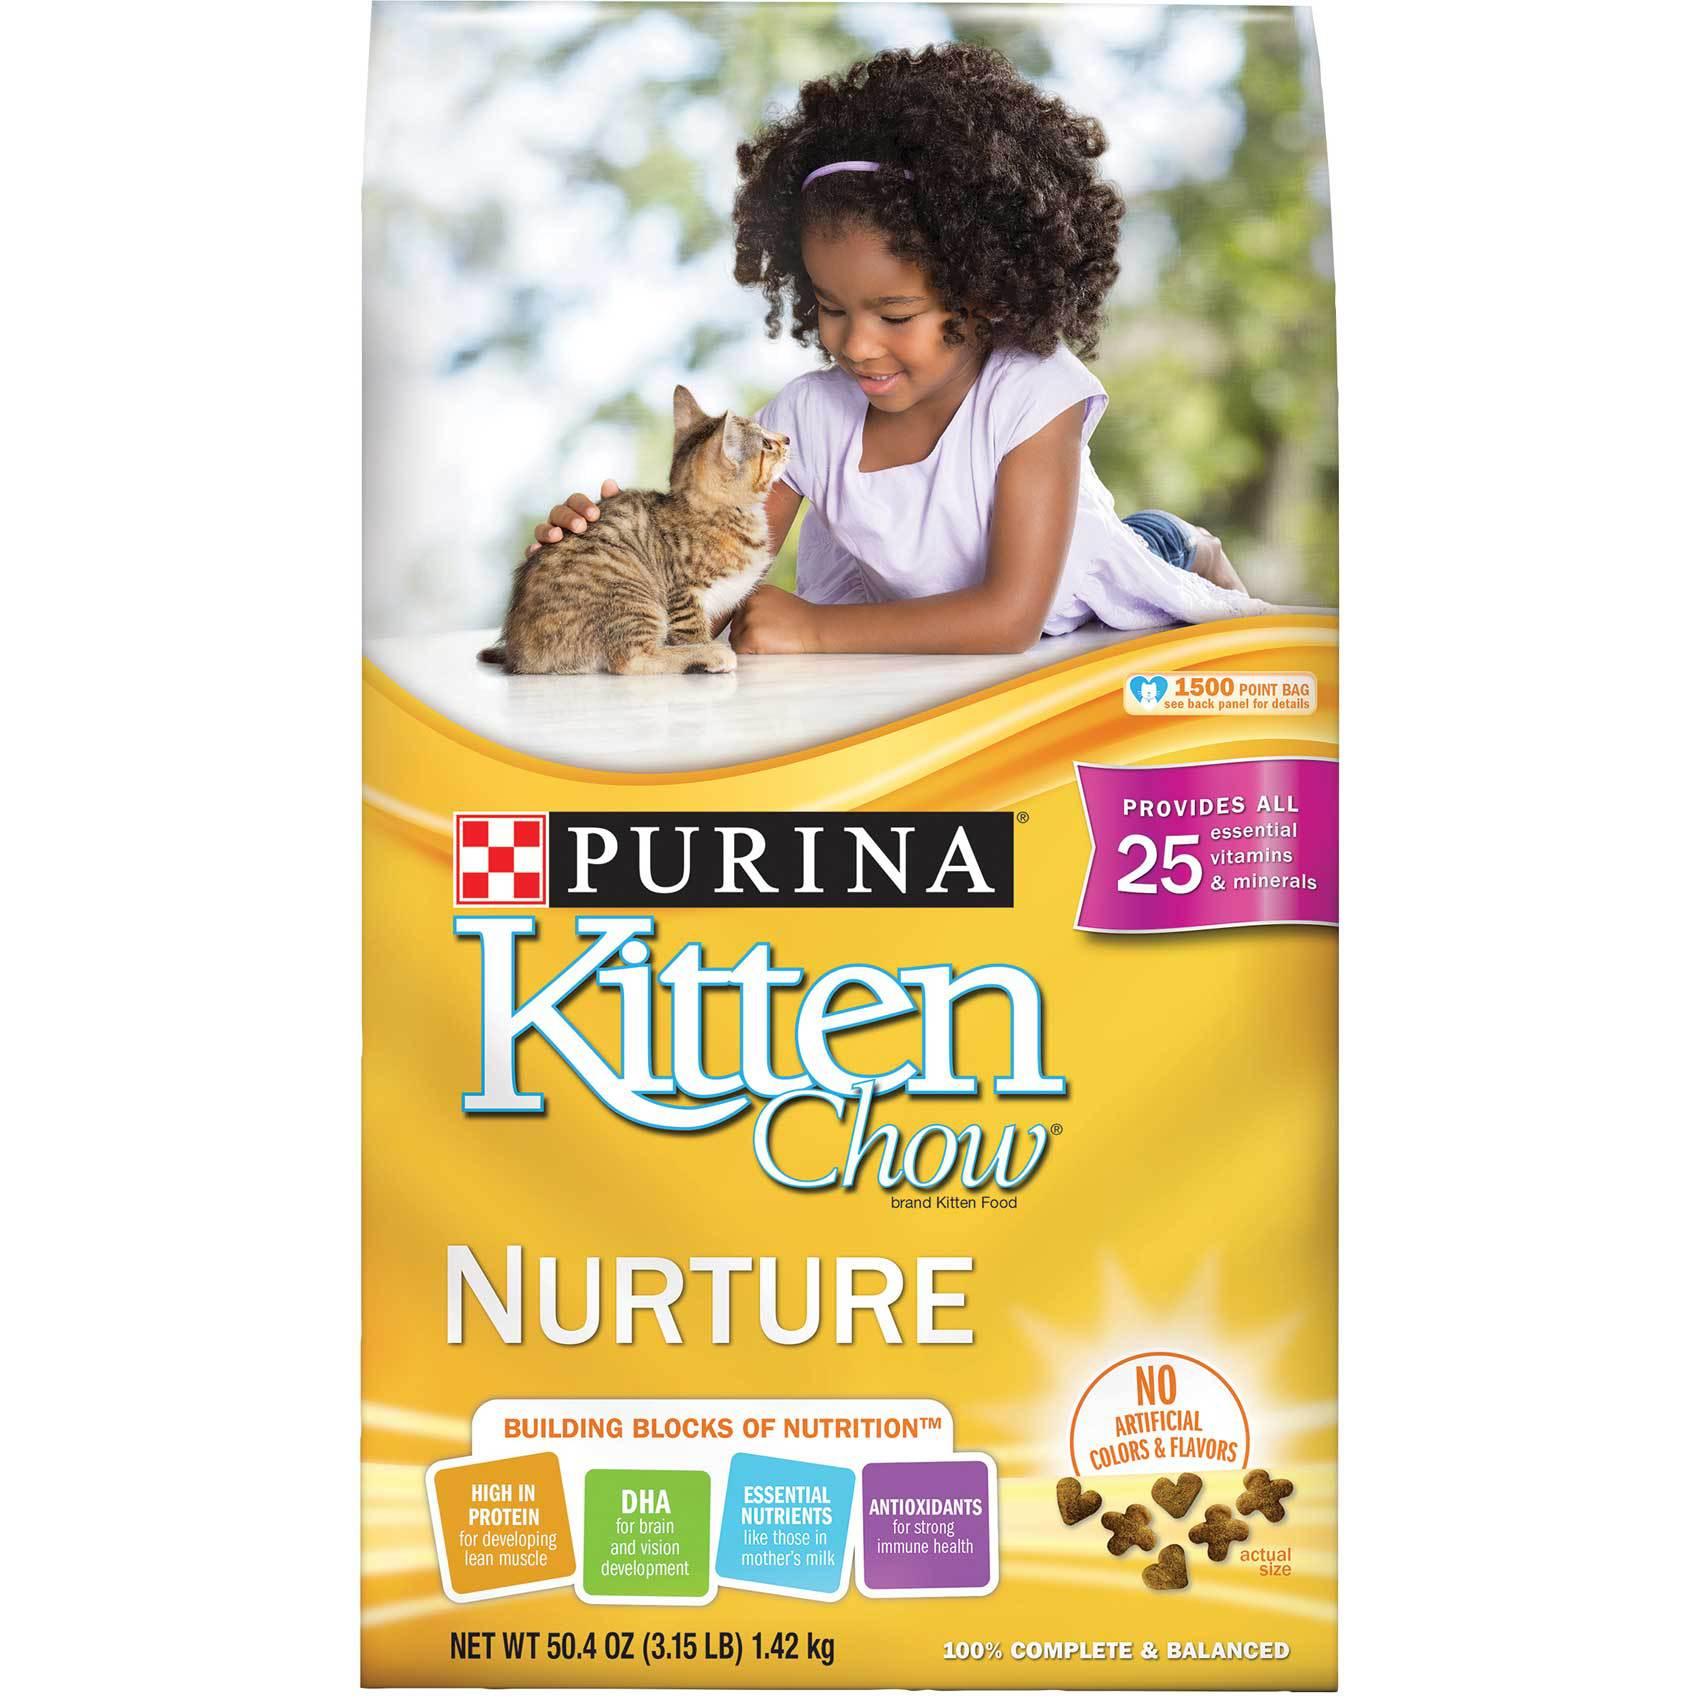 PURINA KITTEN CHOW NURTURE 1.42KG